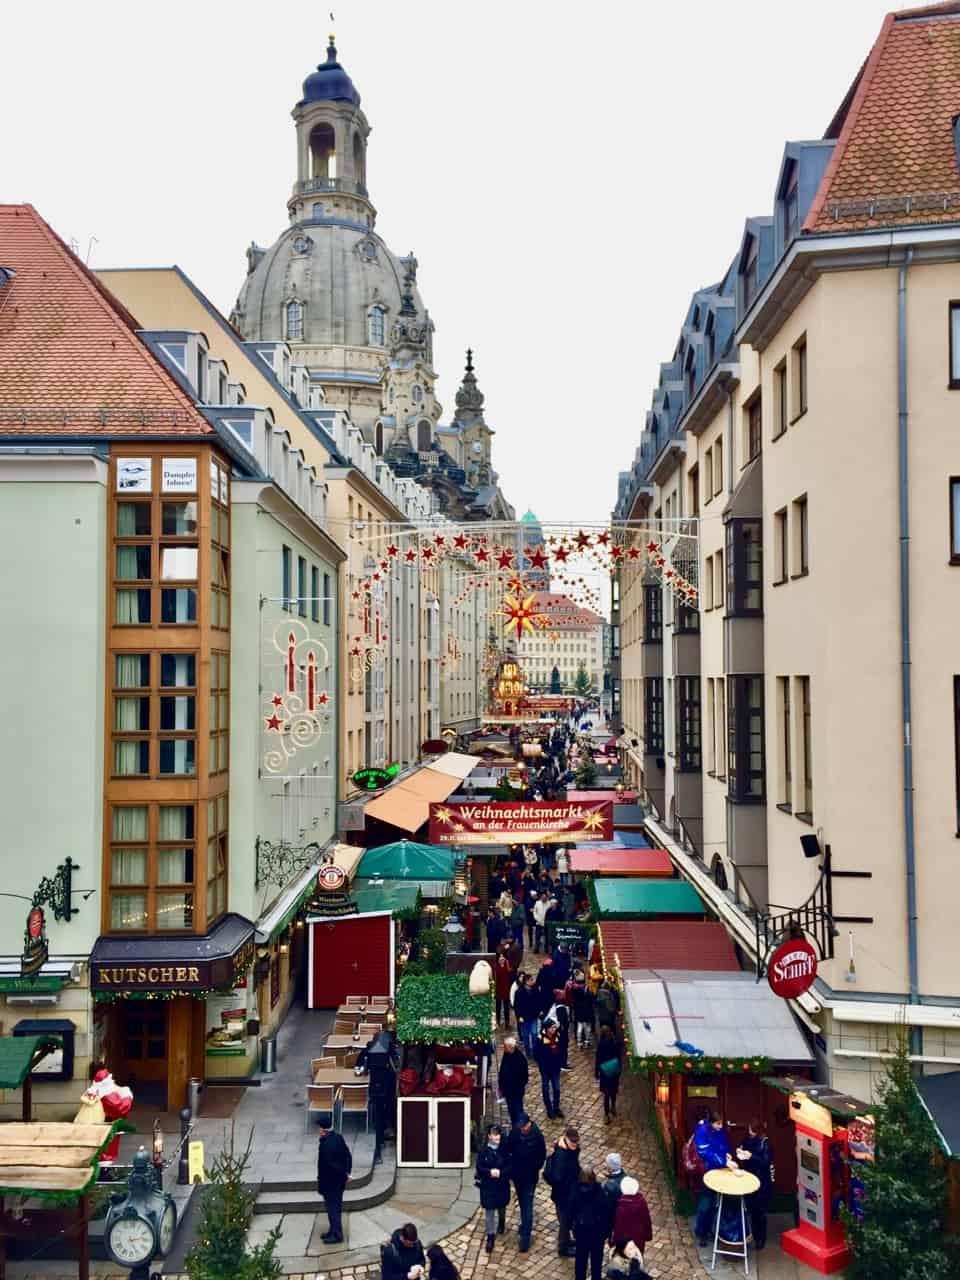 weihnachtsmarkt-an-der-frauenkirche-photo